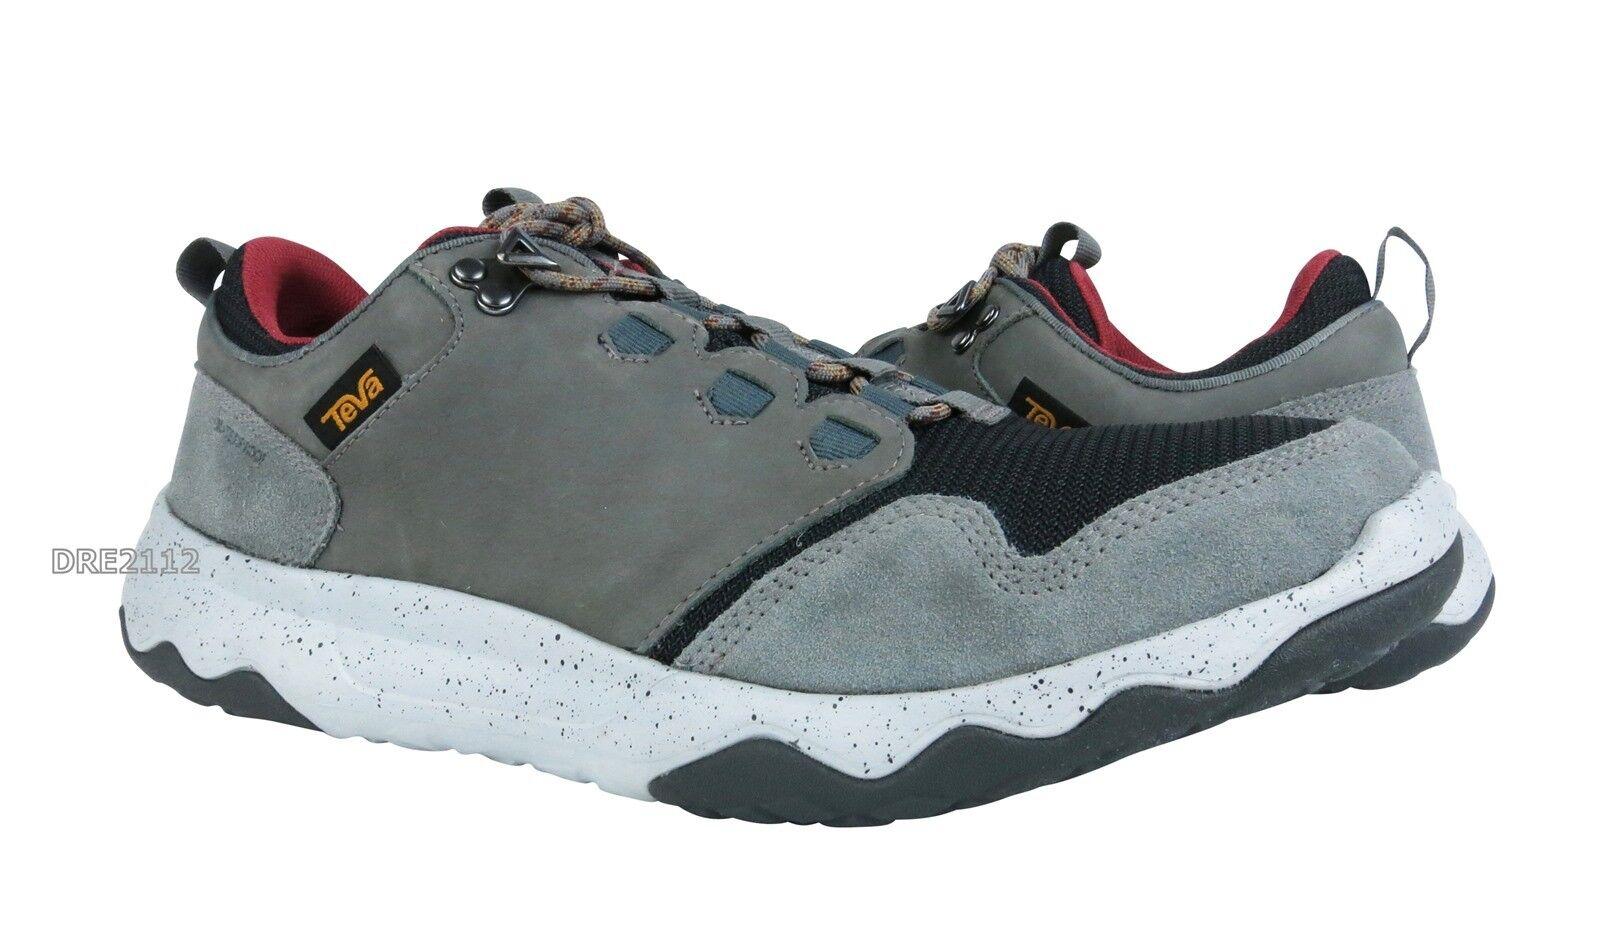 Teva Arrowood Waterproof Grey Leather Shoes Mens Size 11.5 *NIB*